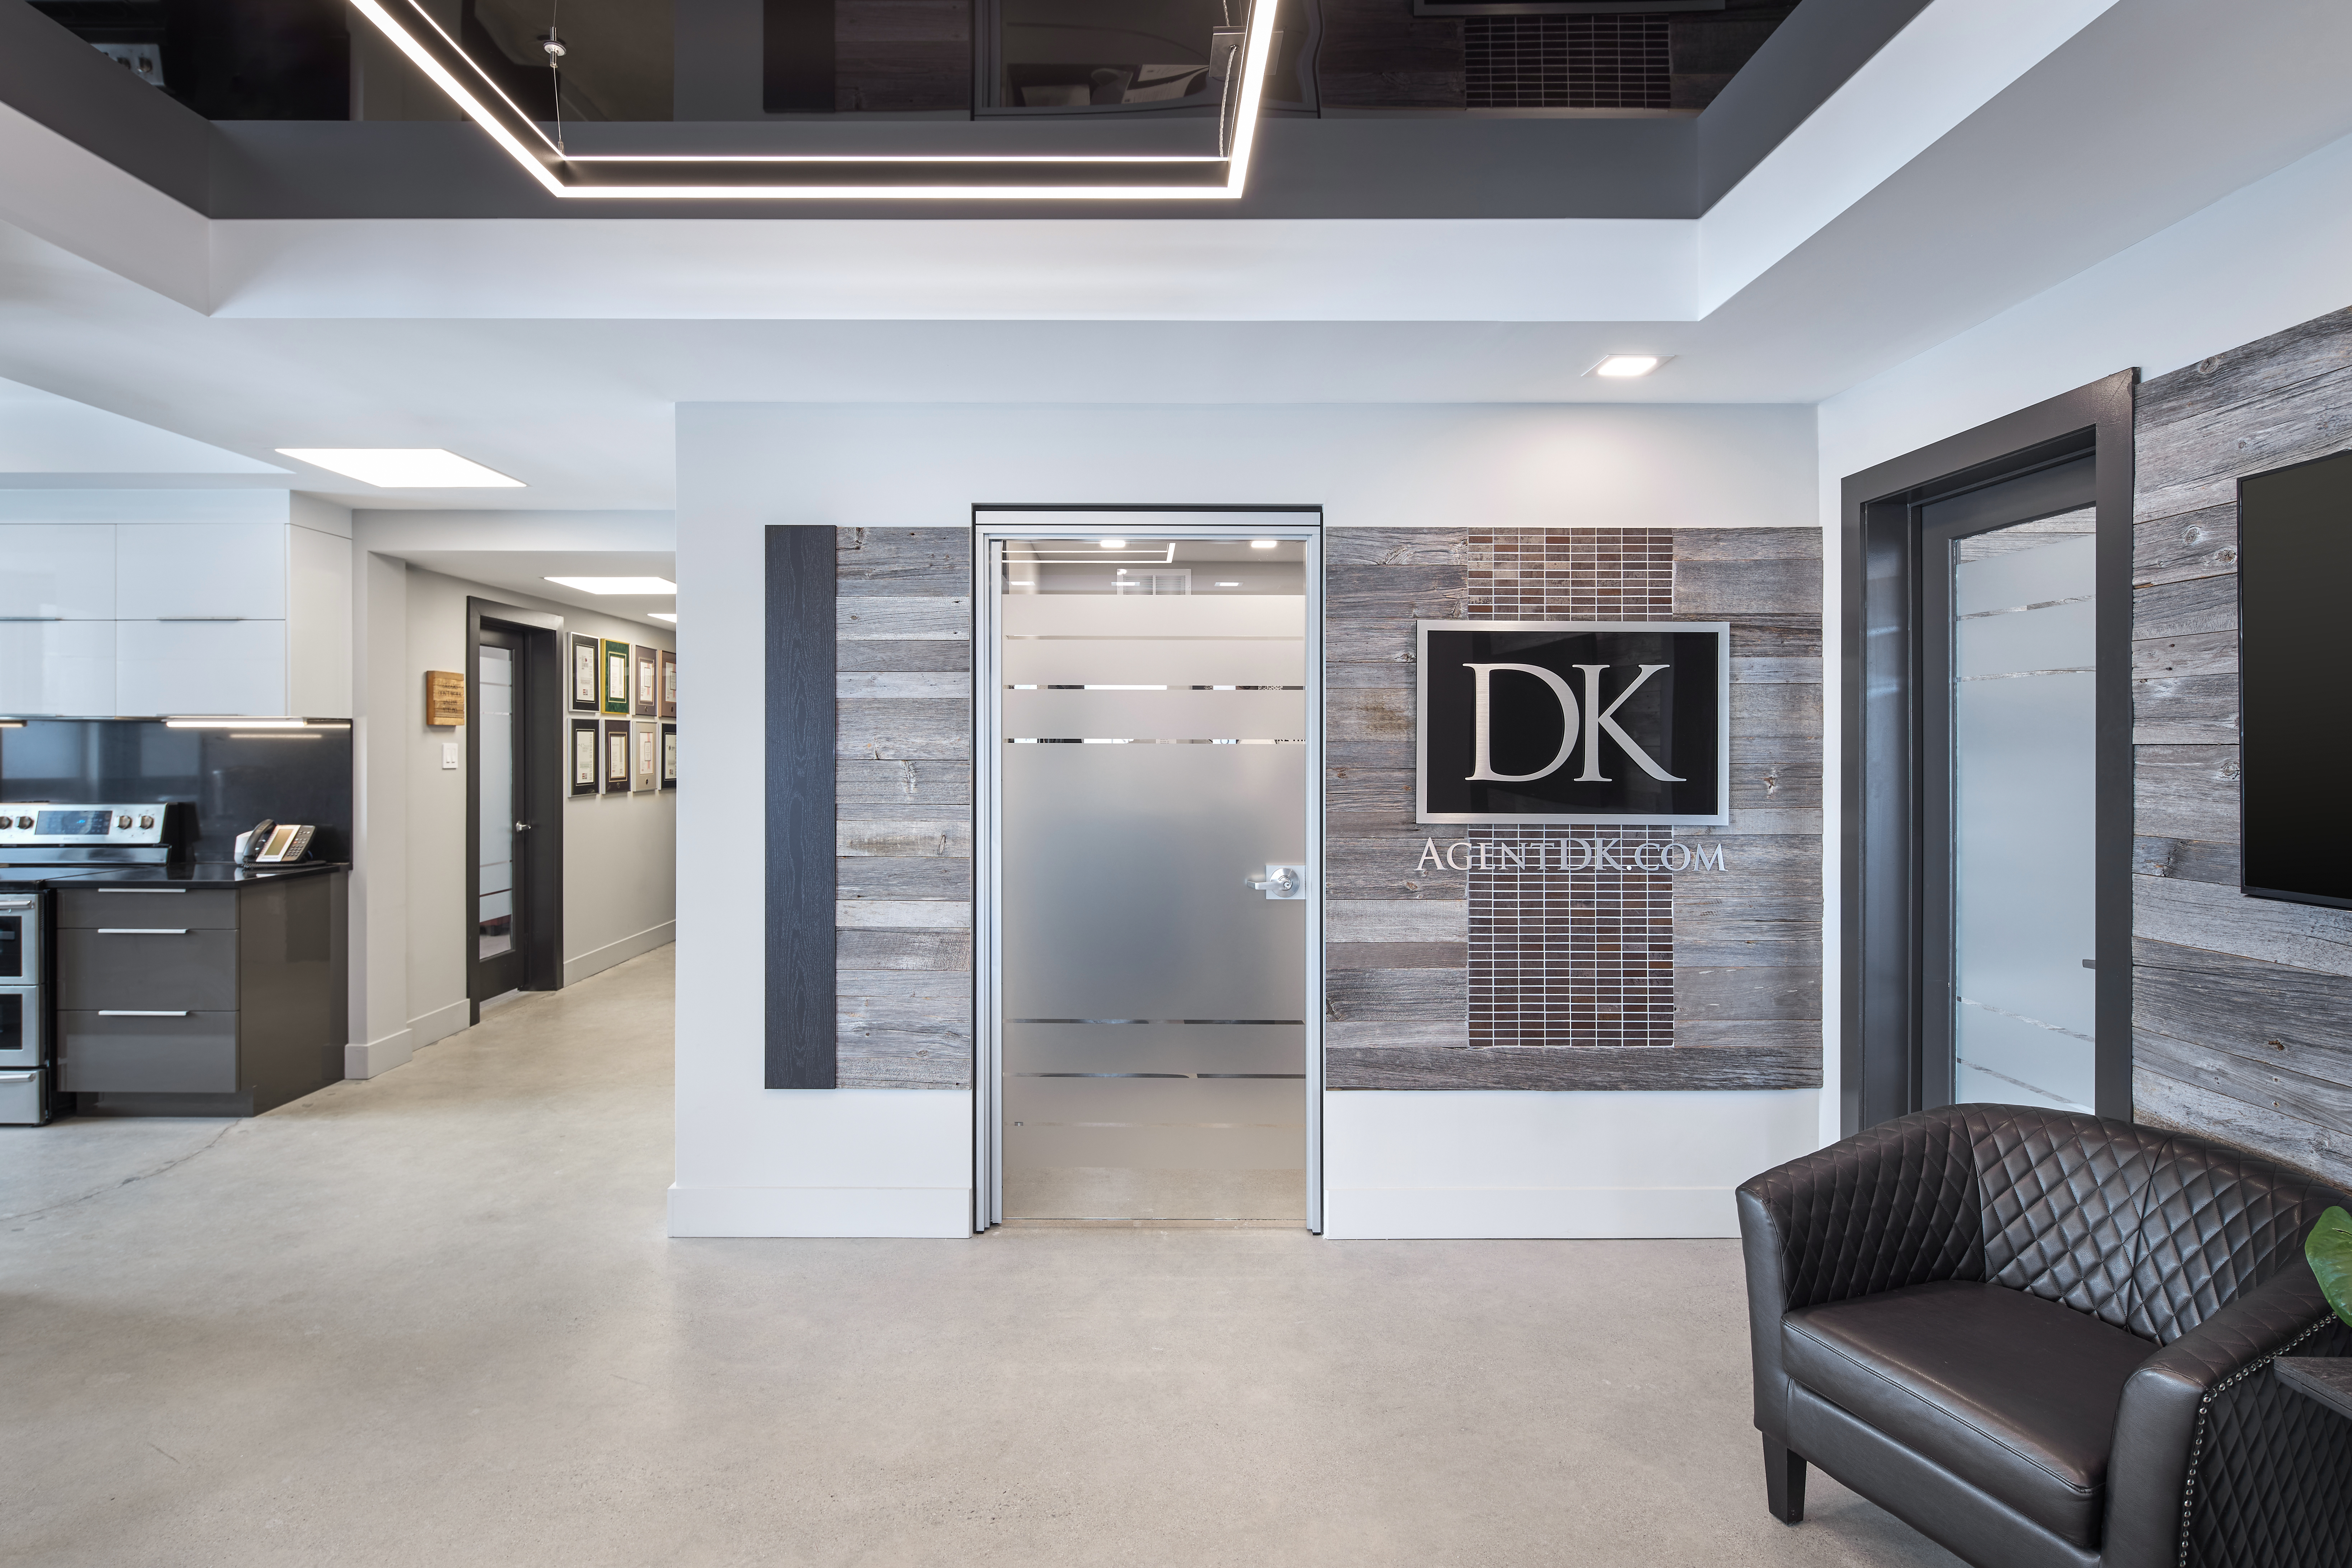 DK office door